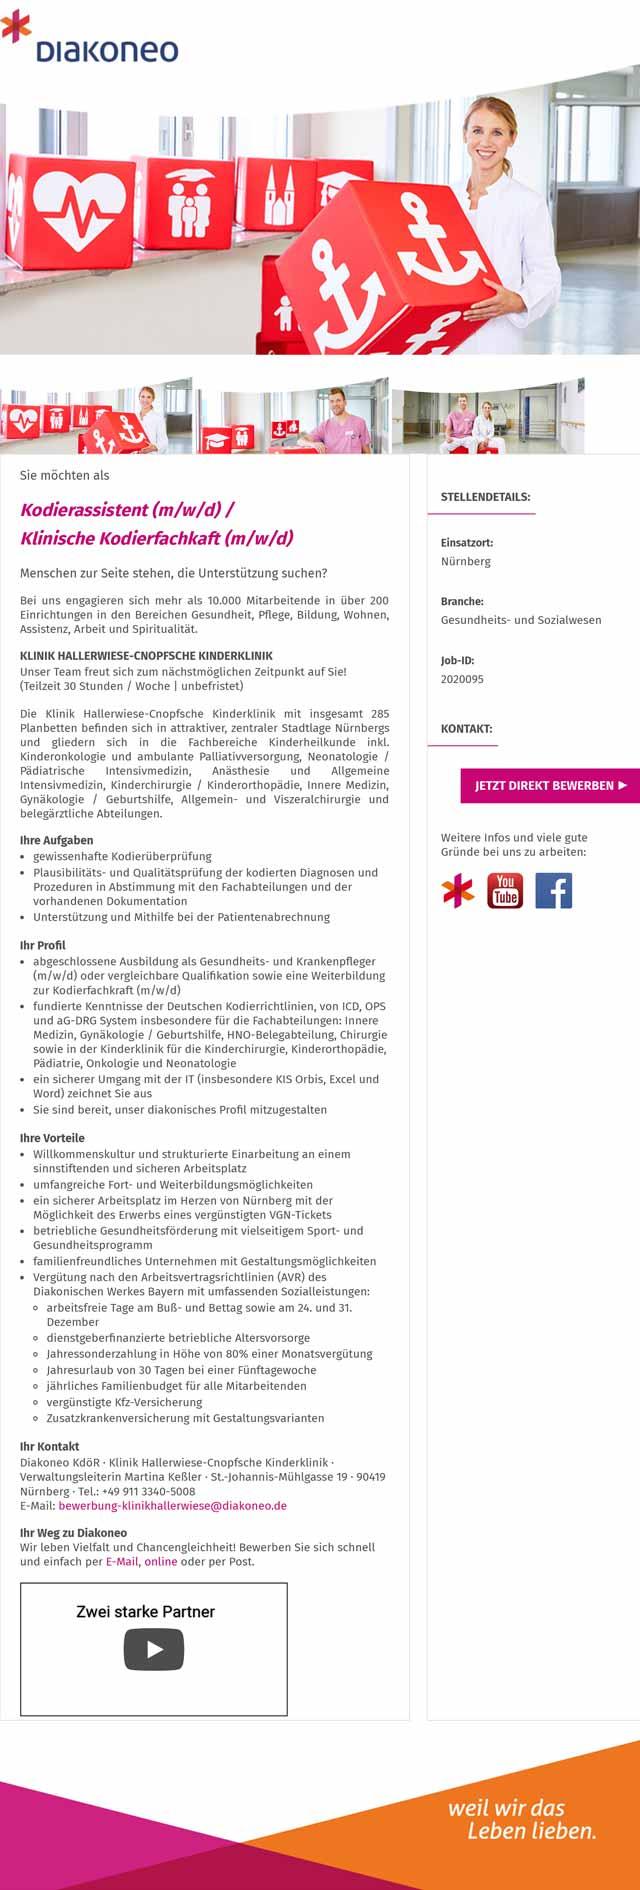 Diakoneo KdöR - Klinik Hallerwiese-Cnopfsche Kinderklinik: Kodierassistent / Klinische Kodierfachkaft (m/w/d)